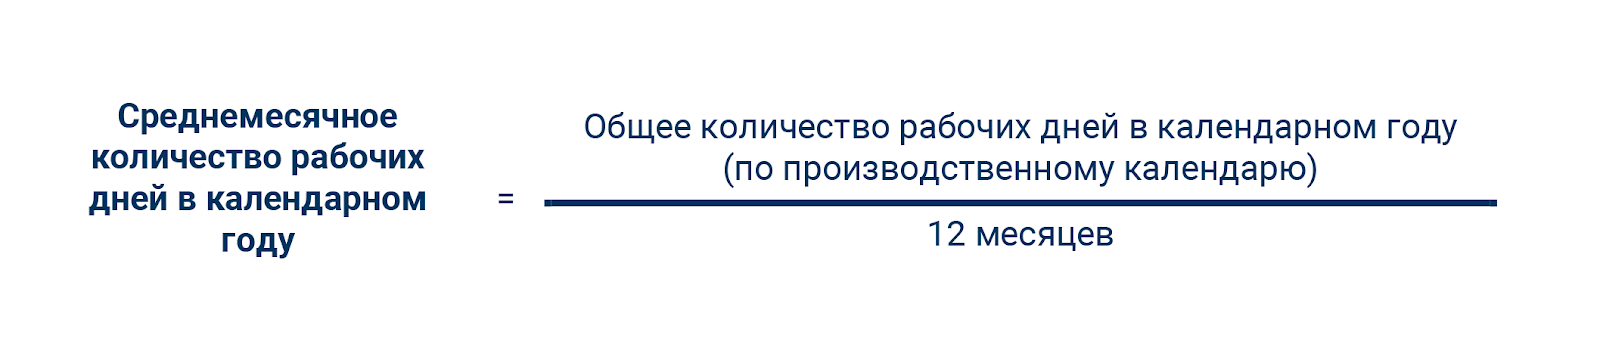 формула среднемесячное количество рабочих дней